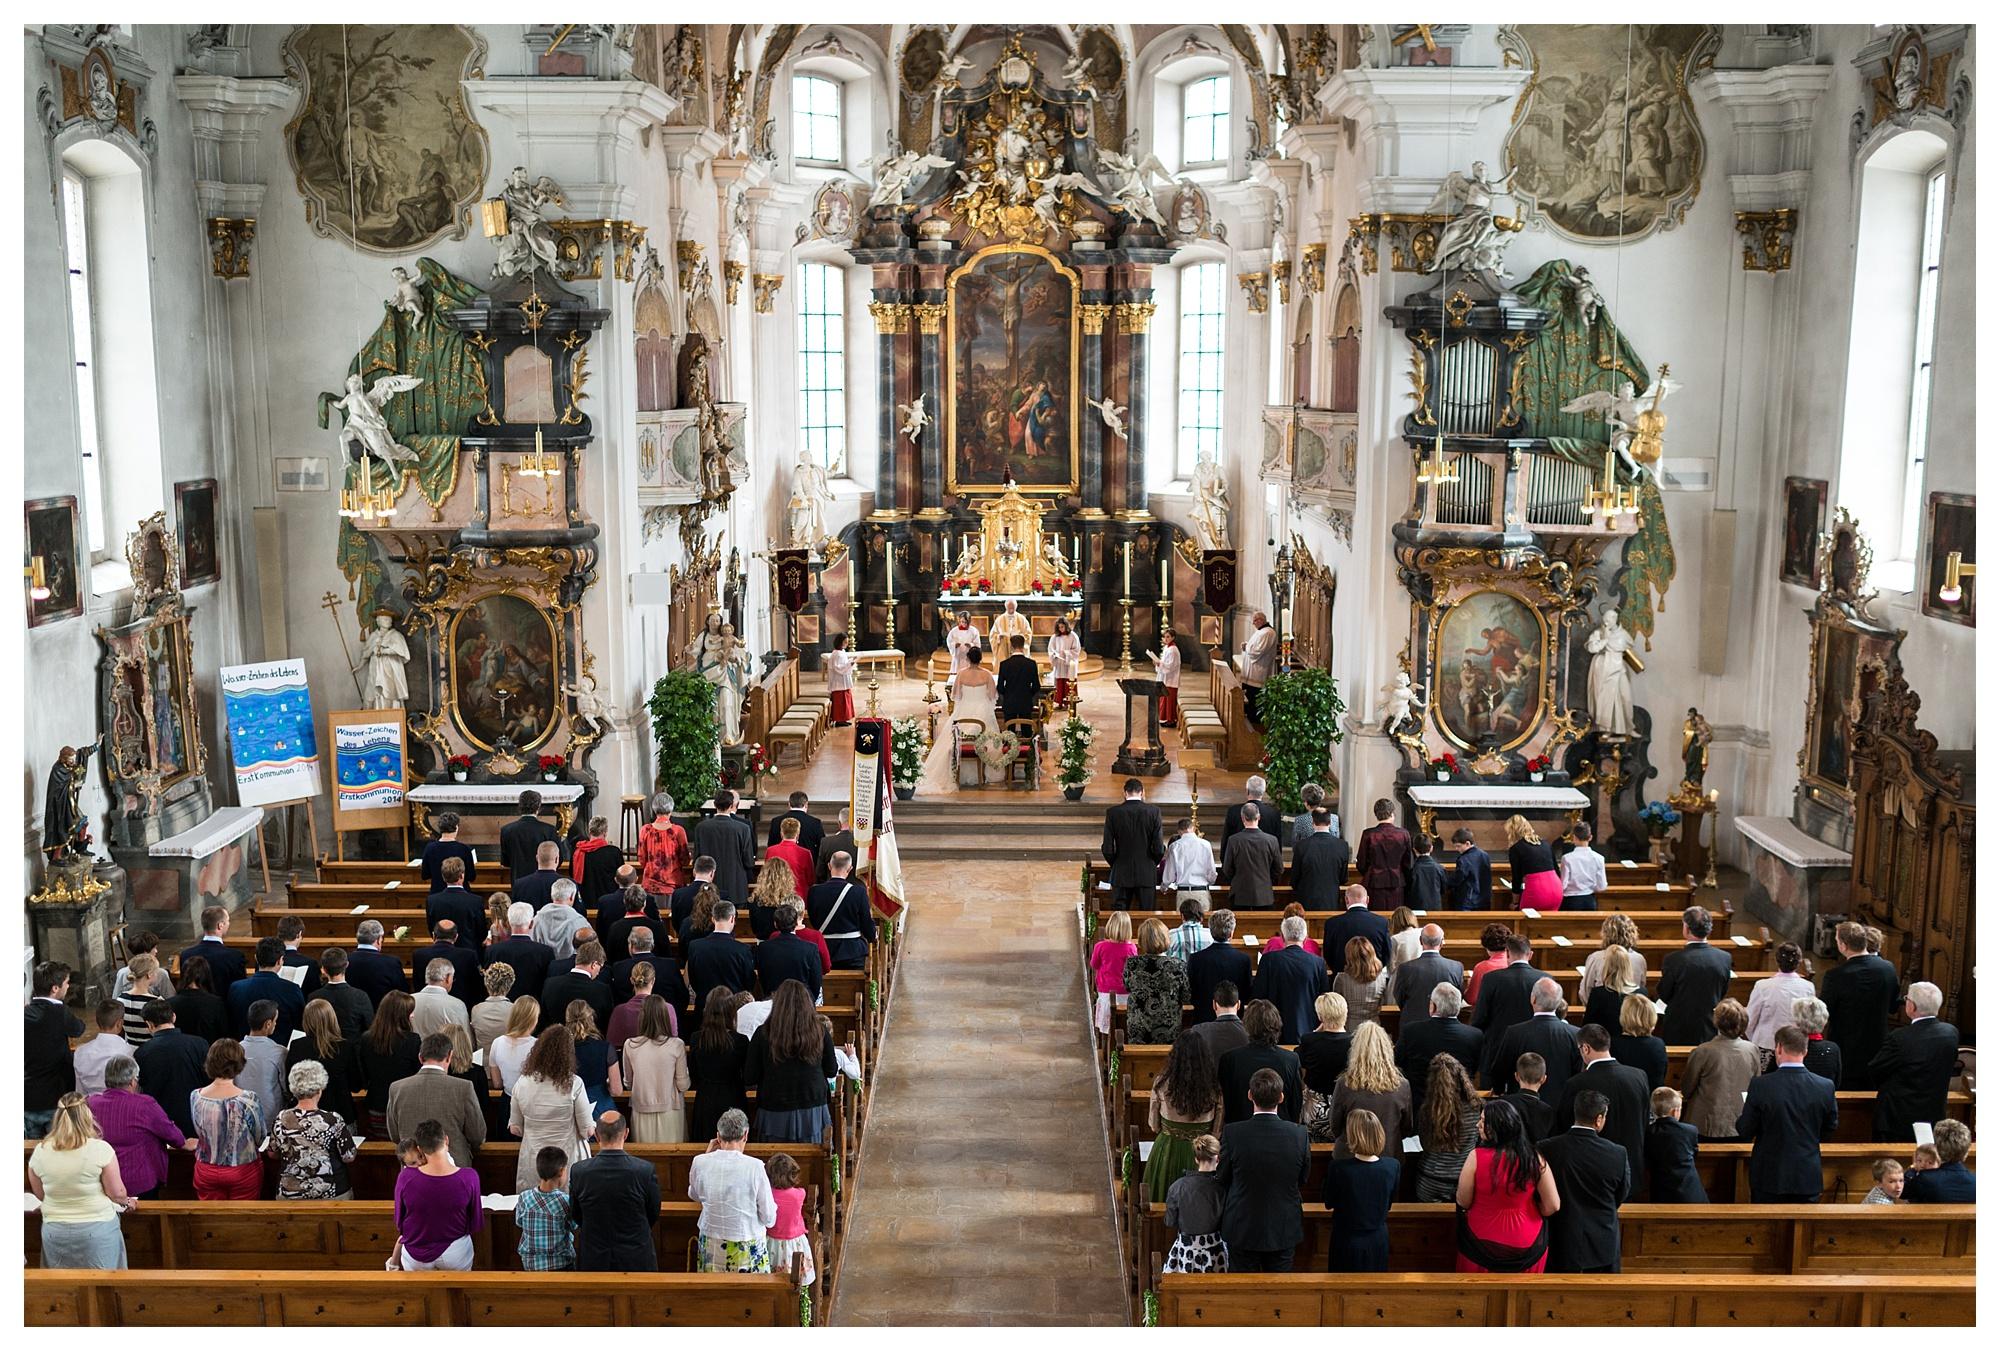 Fotograf Konstanz - Hochzeit Tanja Elmar Elmar Feuerbacher Photography Konstanz Messkirch Highlights 030 - Hochzeitsreportage von Tanja und Elmar im Schloss Meßkirch  - 29 -